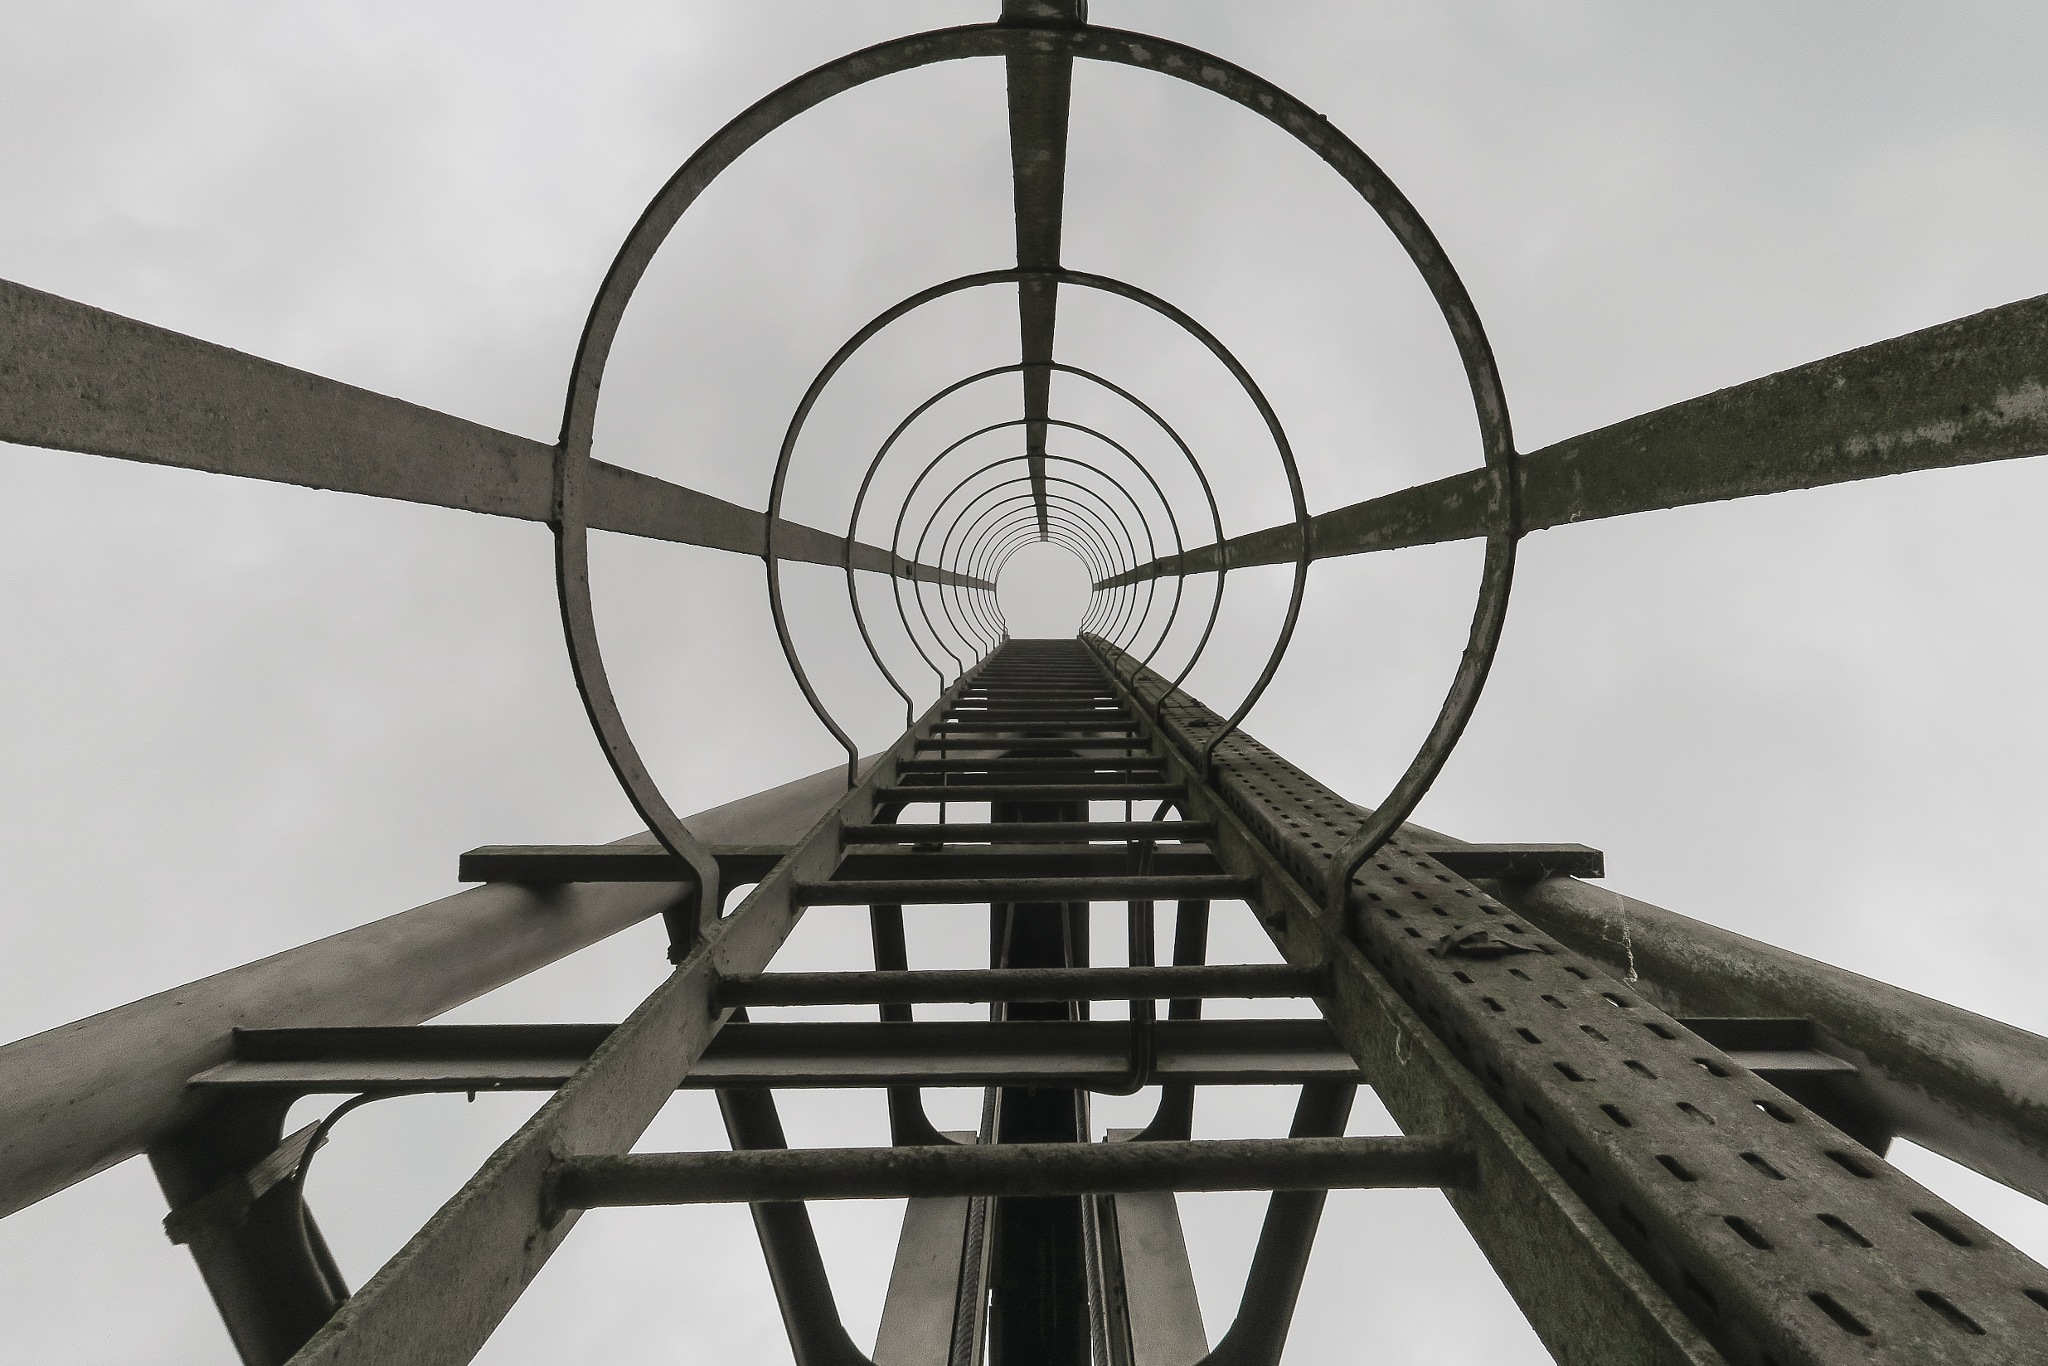 L'échelle by Cedric Jover